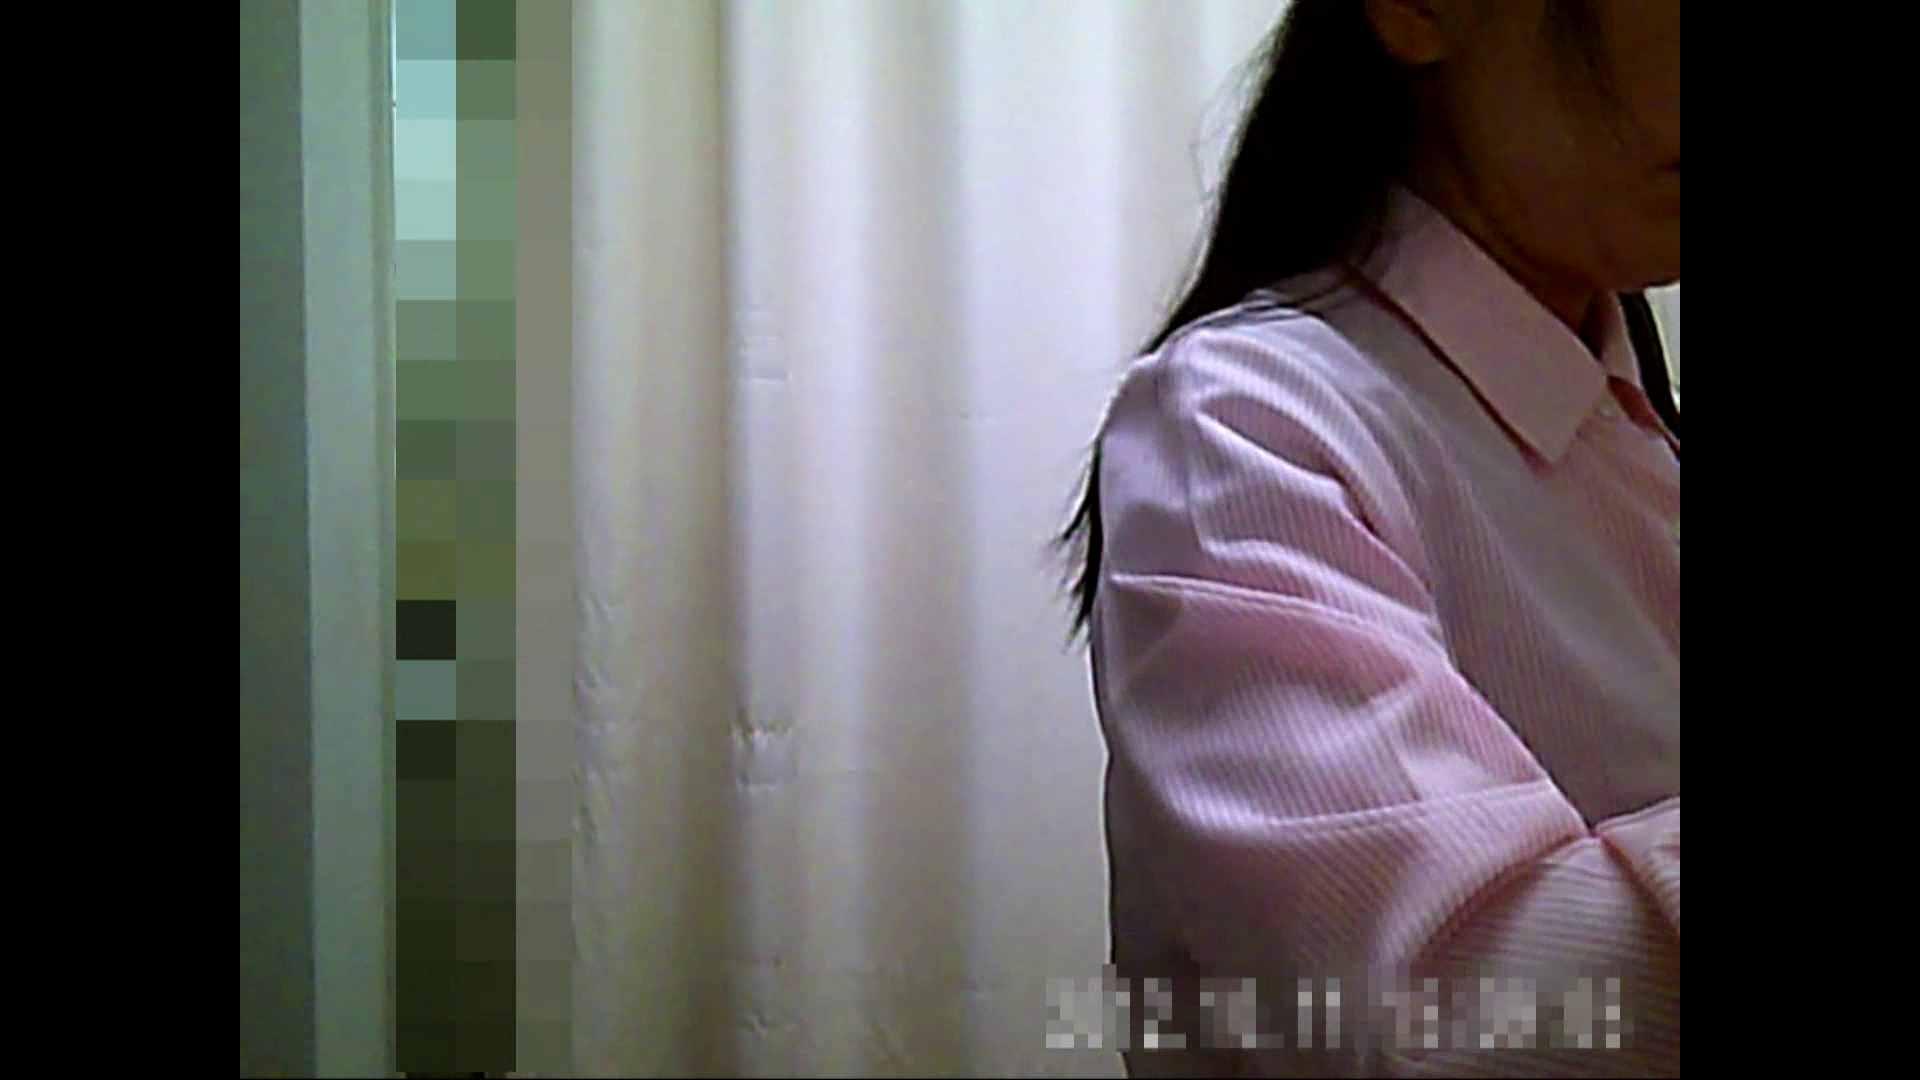 元医者による反抗 更衣室地獄絵巻 vol.062 盛合せ オマンコ動画キャプチャ 100枚 74